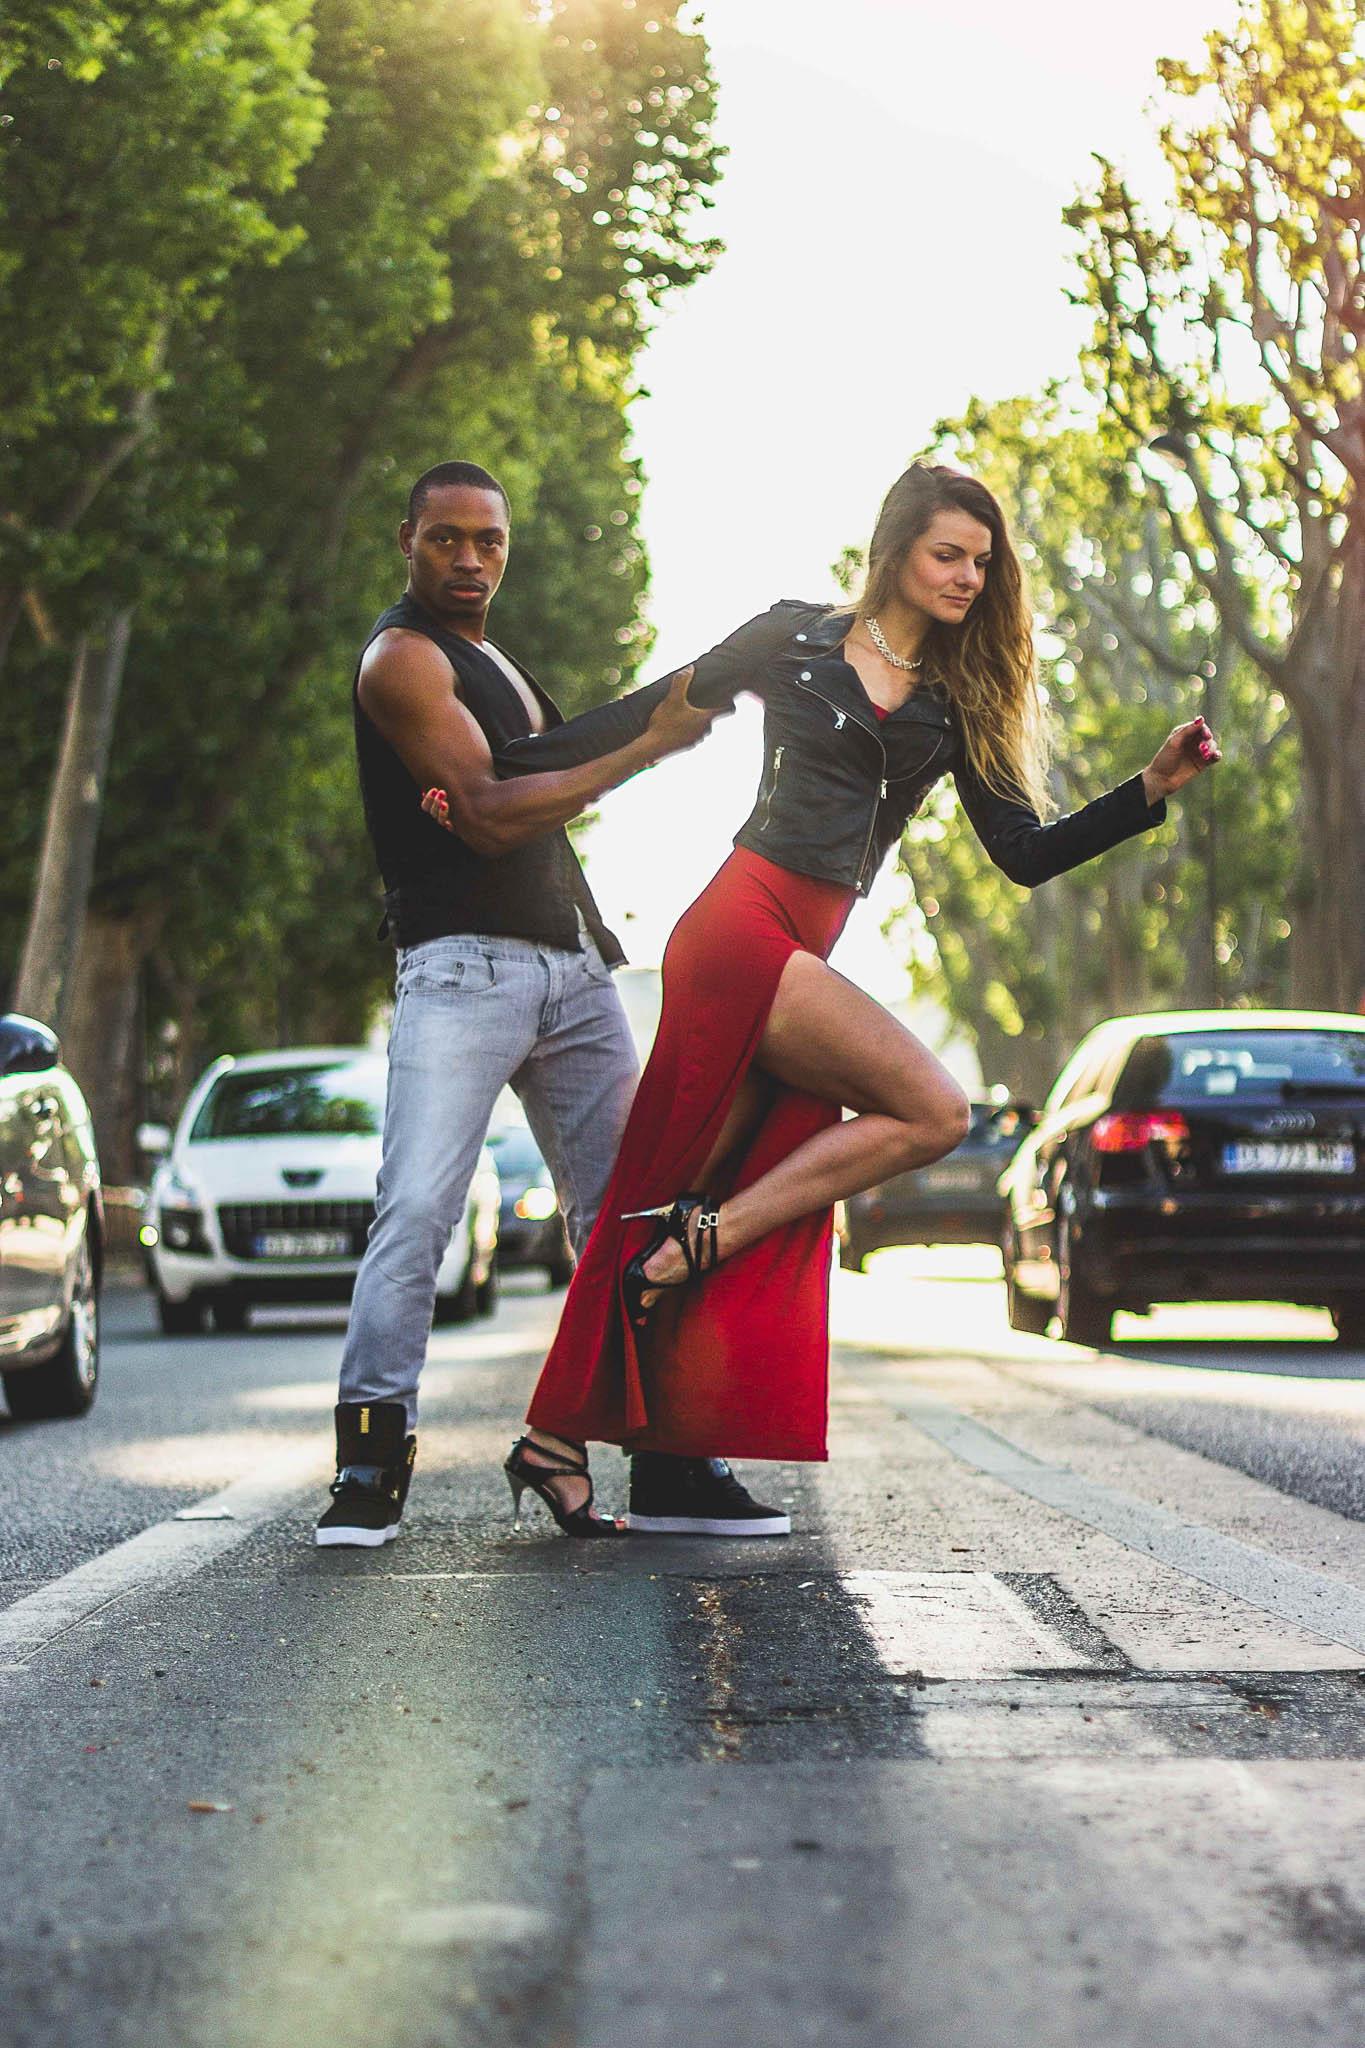 Art_Avec_Amour_Photographe_Mariage_Famille_Paris_France-00055.jpg